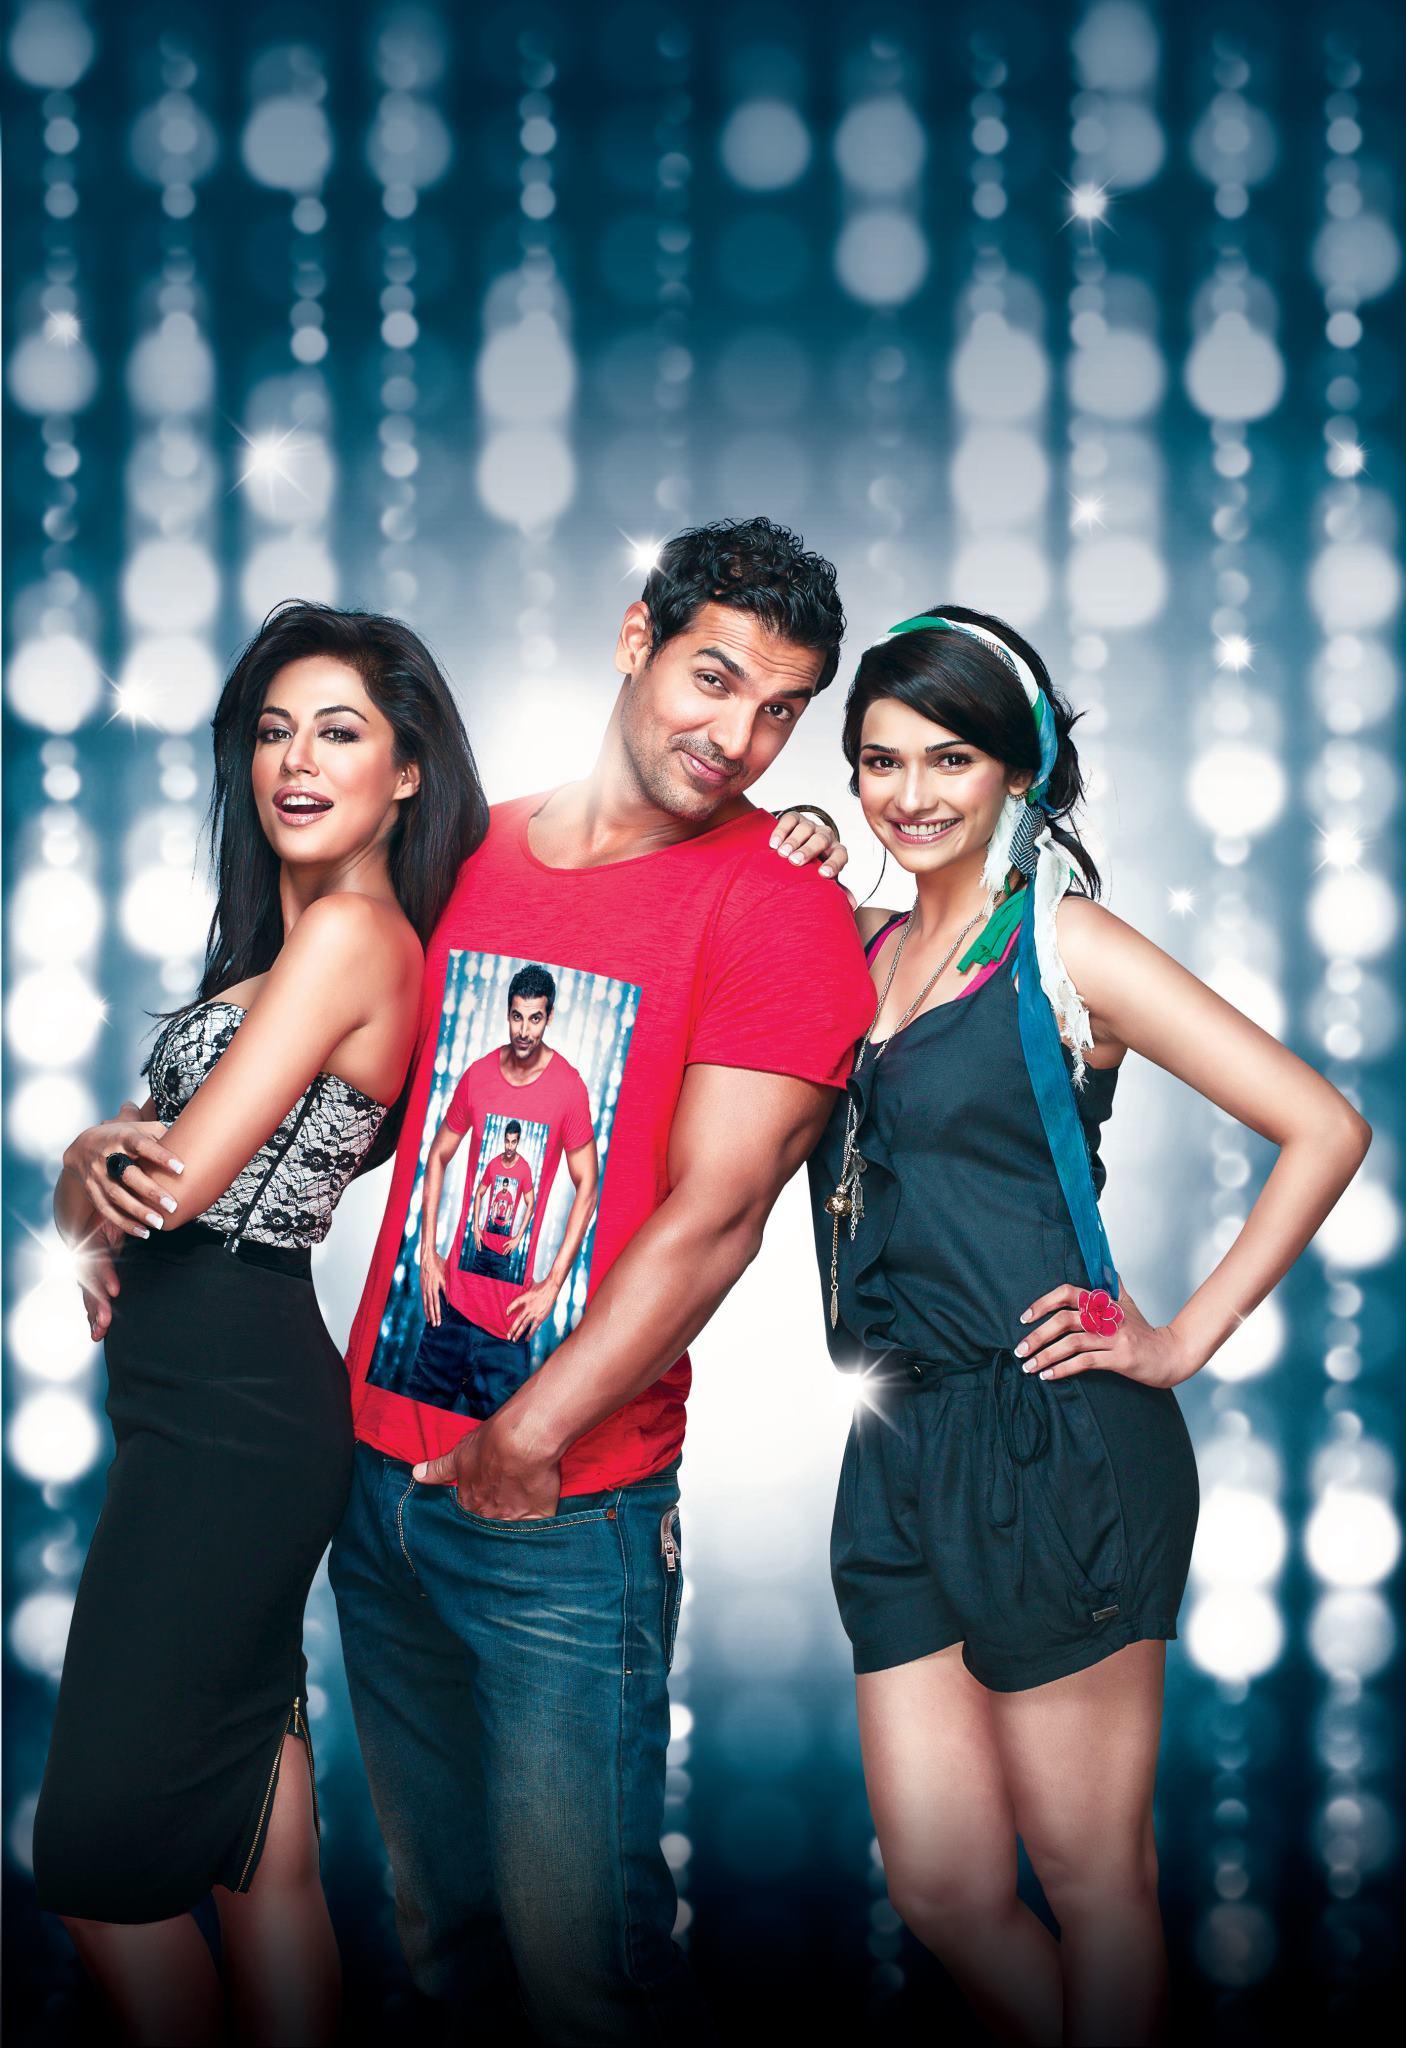 I, Me Aur Main - Movie Poster #2 (Original)